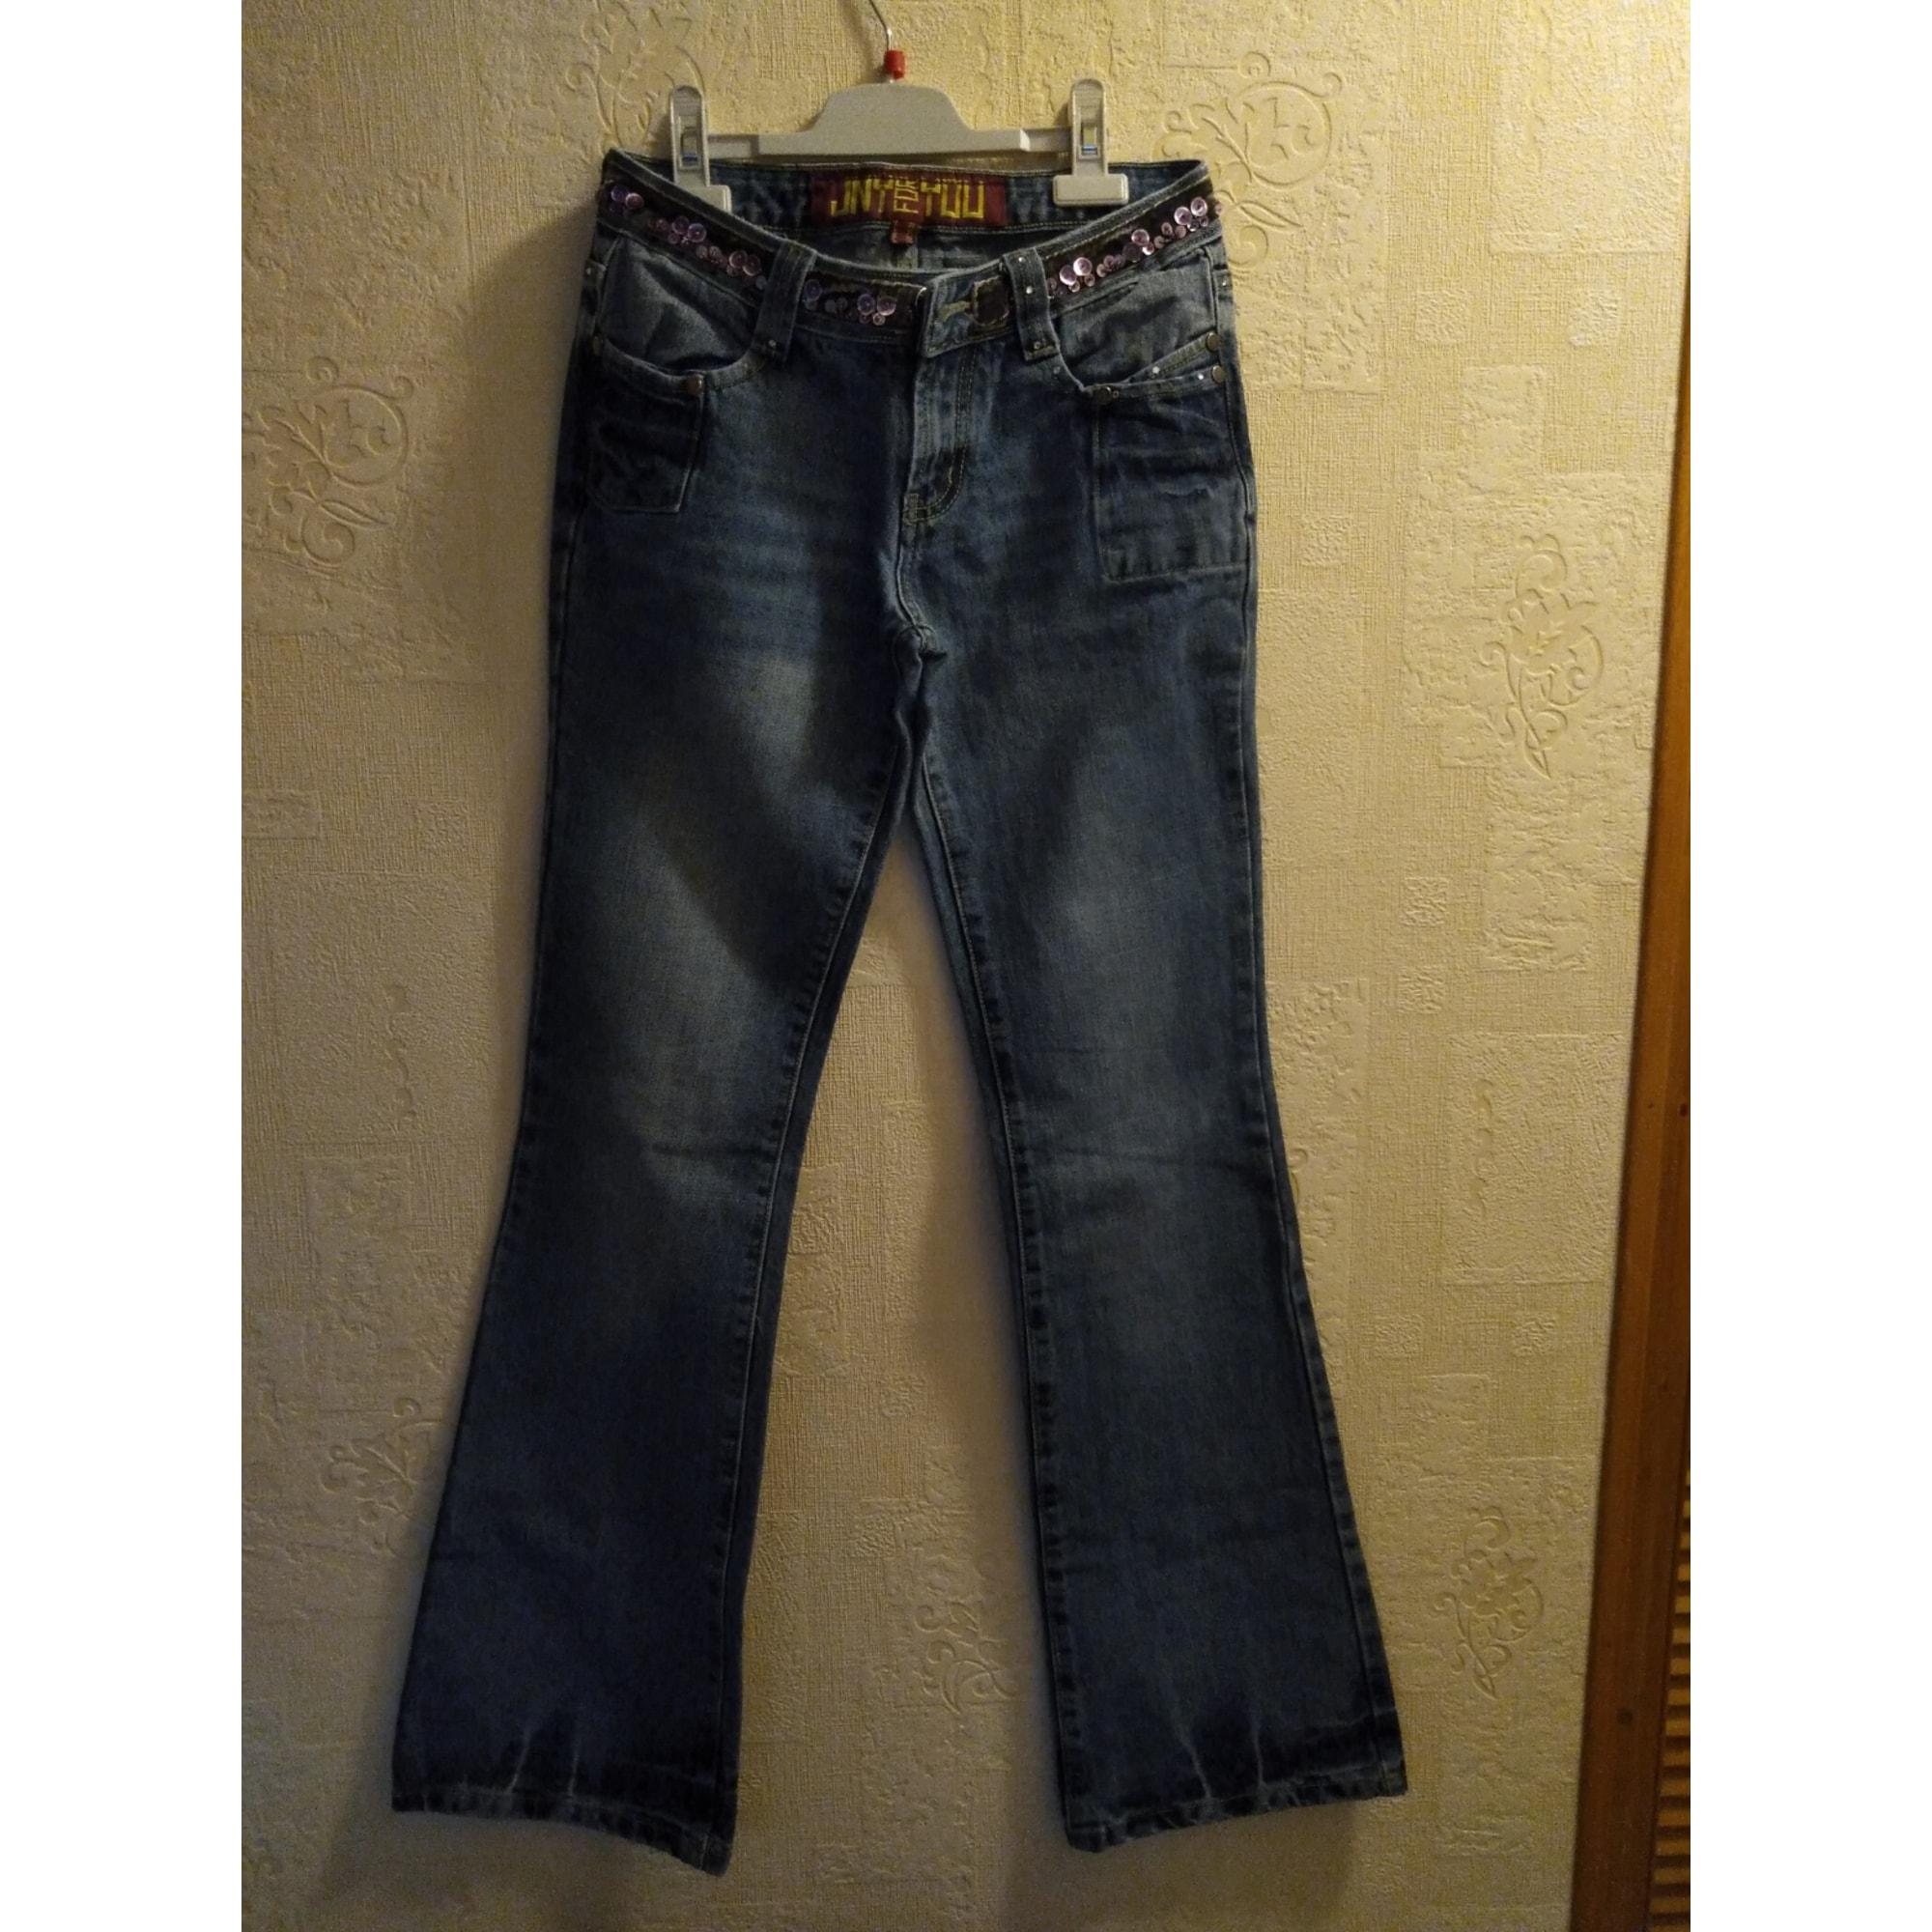 Jeans évasé, boot-cut JENNYFER Bleu, bleu marine, bleu turquoise